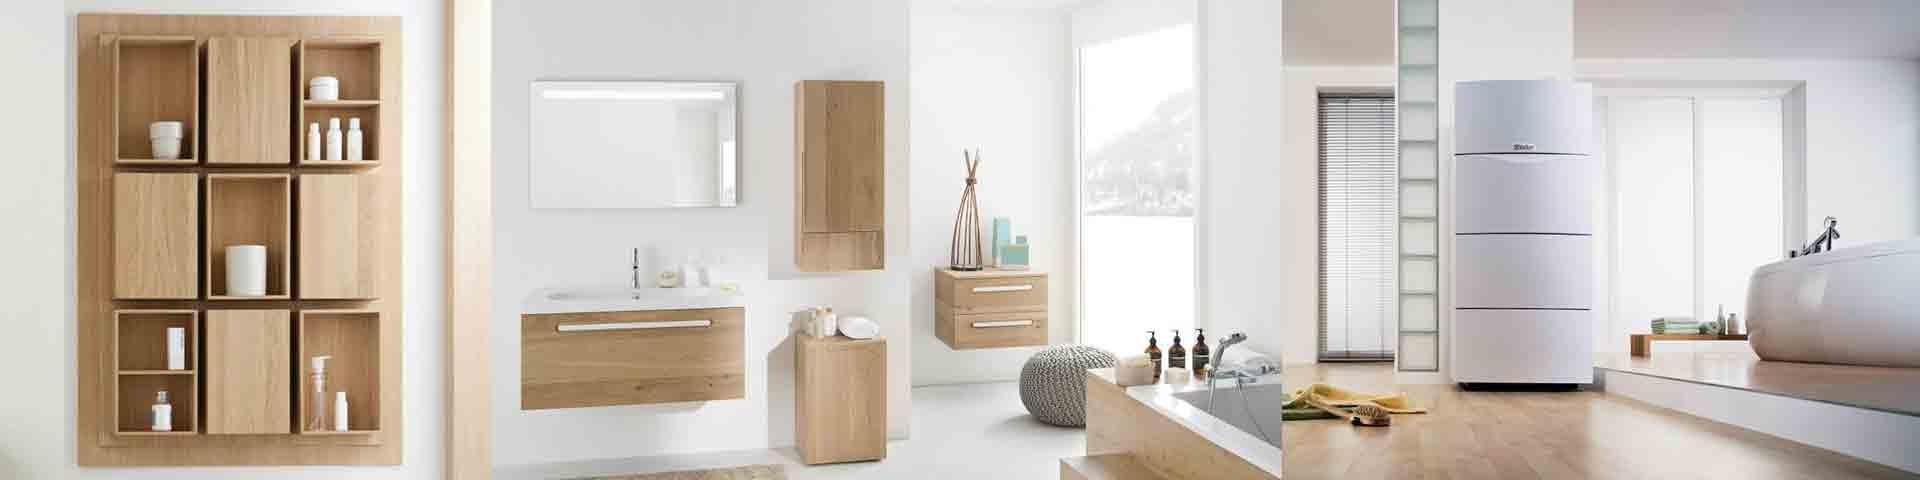 Etagere Salle De Bain Ikea ~ Magasin Distributeur Salle De Bains Chauffage Vf Confort